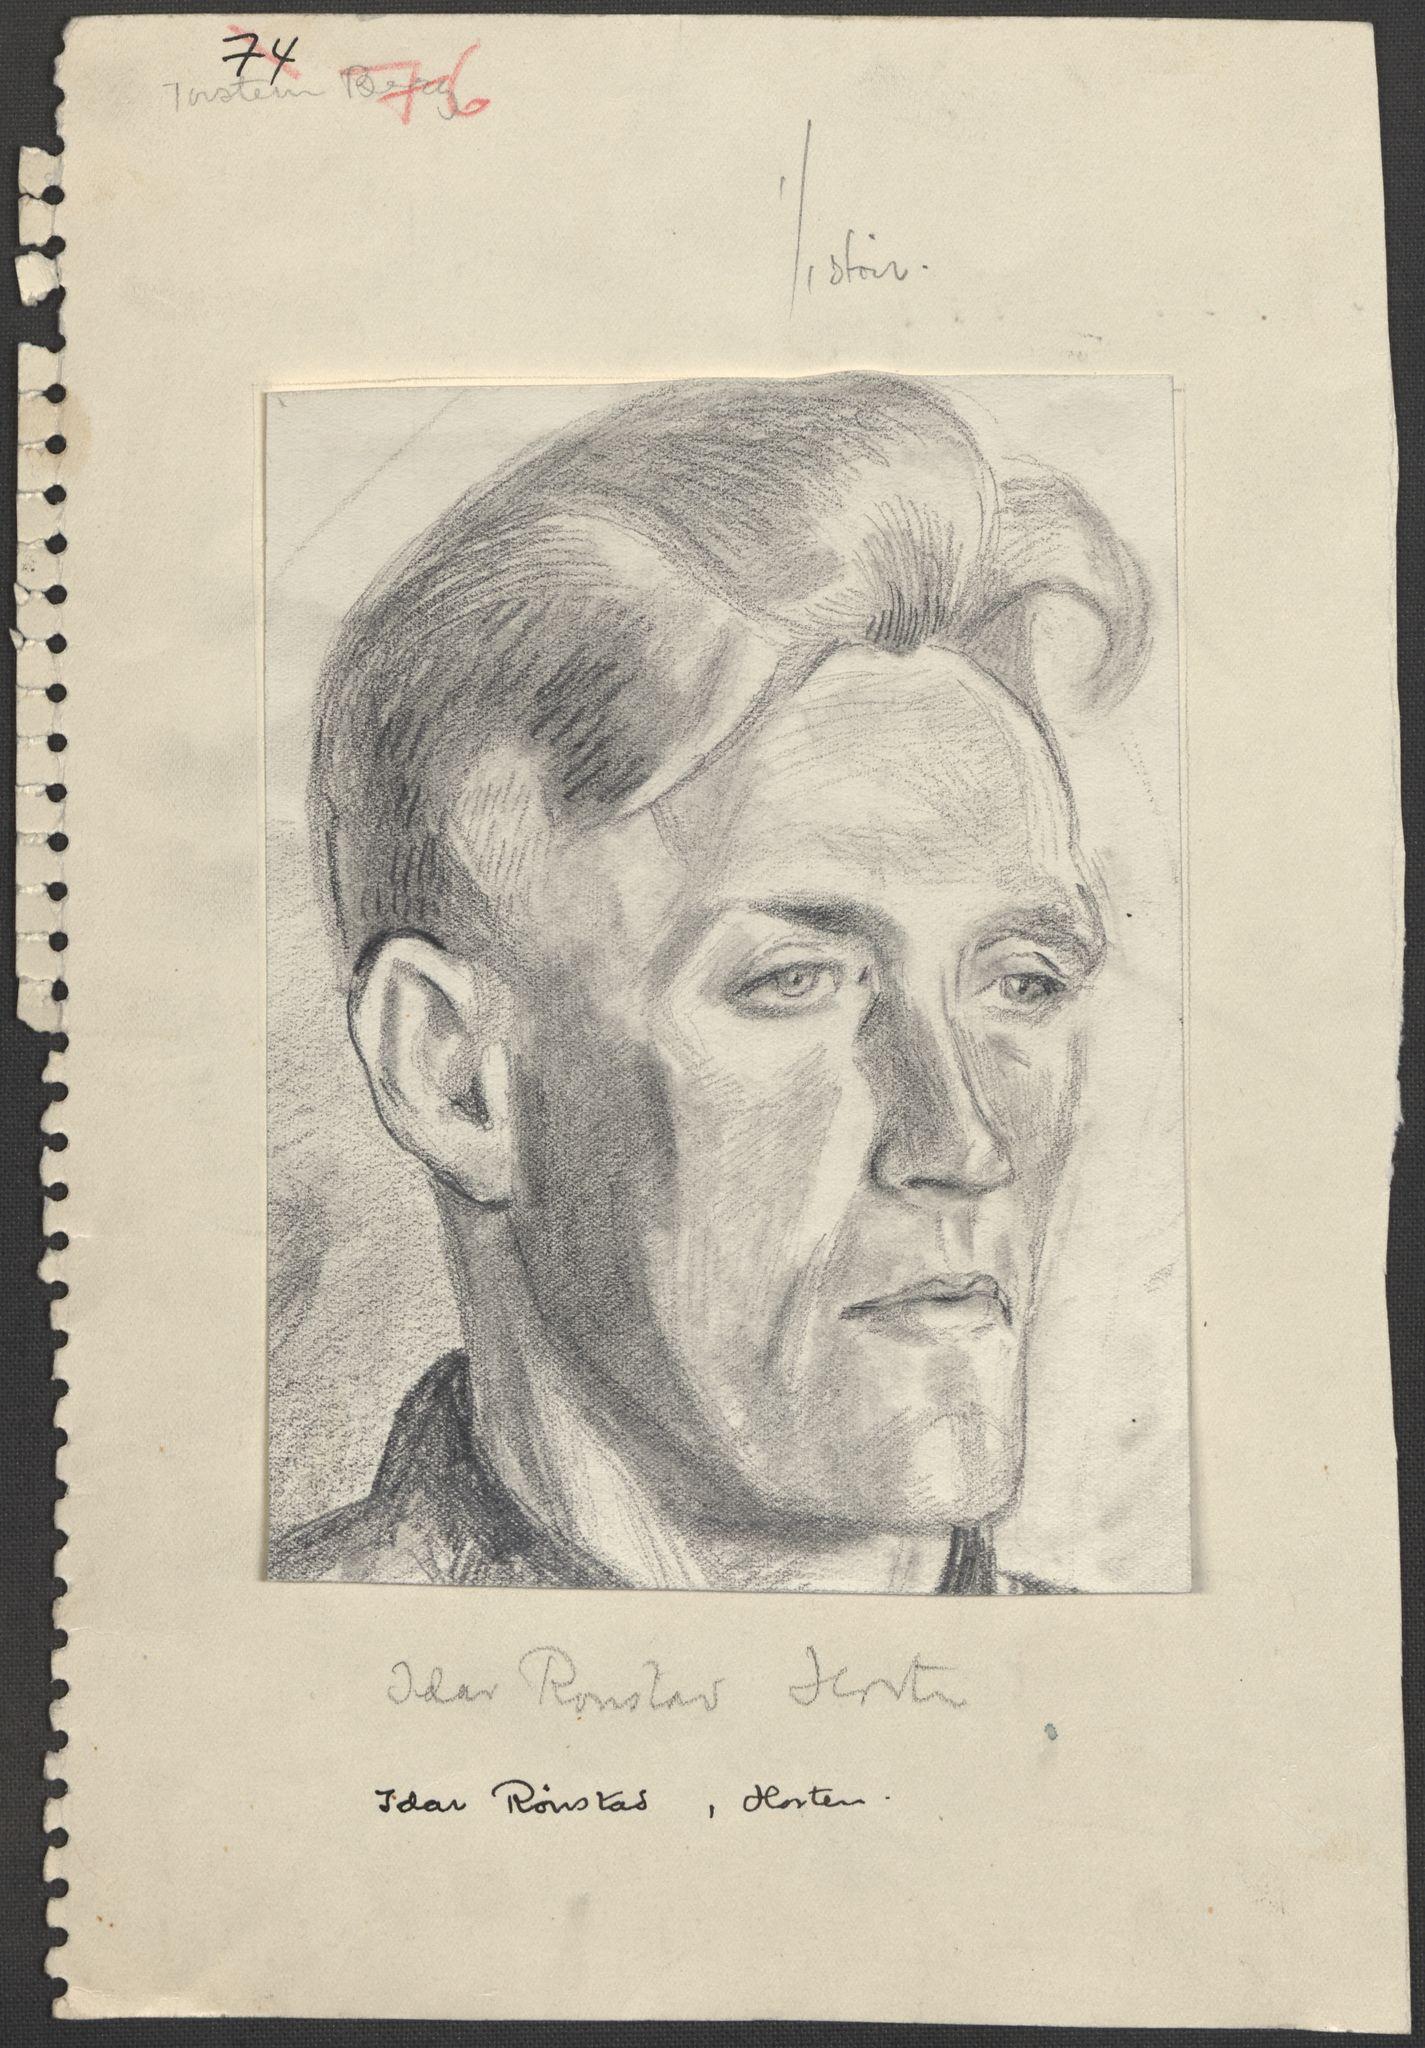 RA, Grøgaard, Joachim, F/L0002: Tegninger og tekster, 1942-1945, p. 122